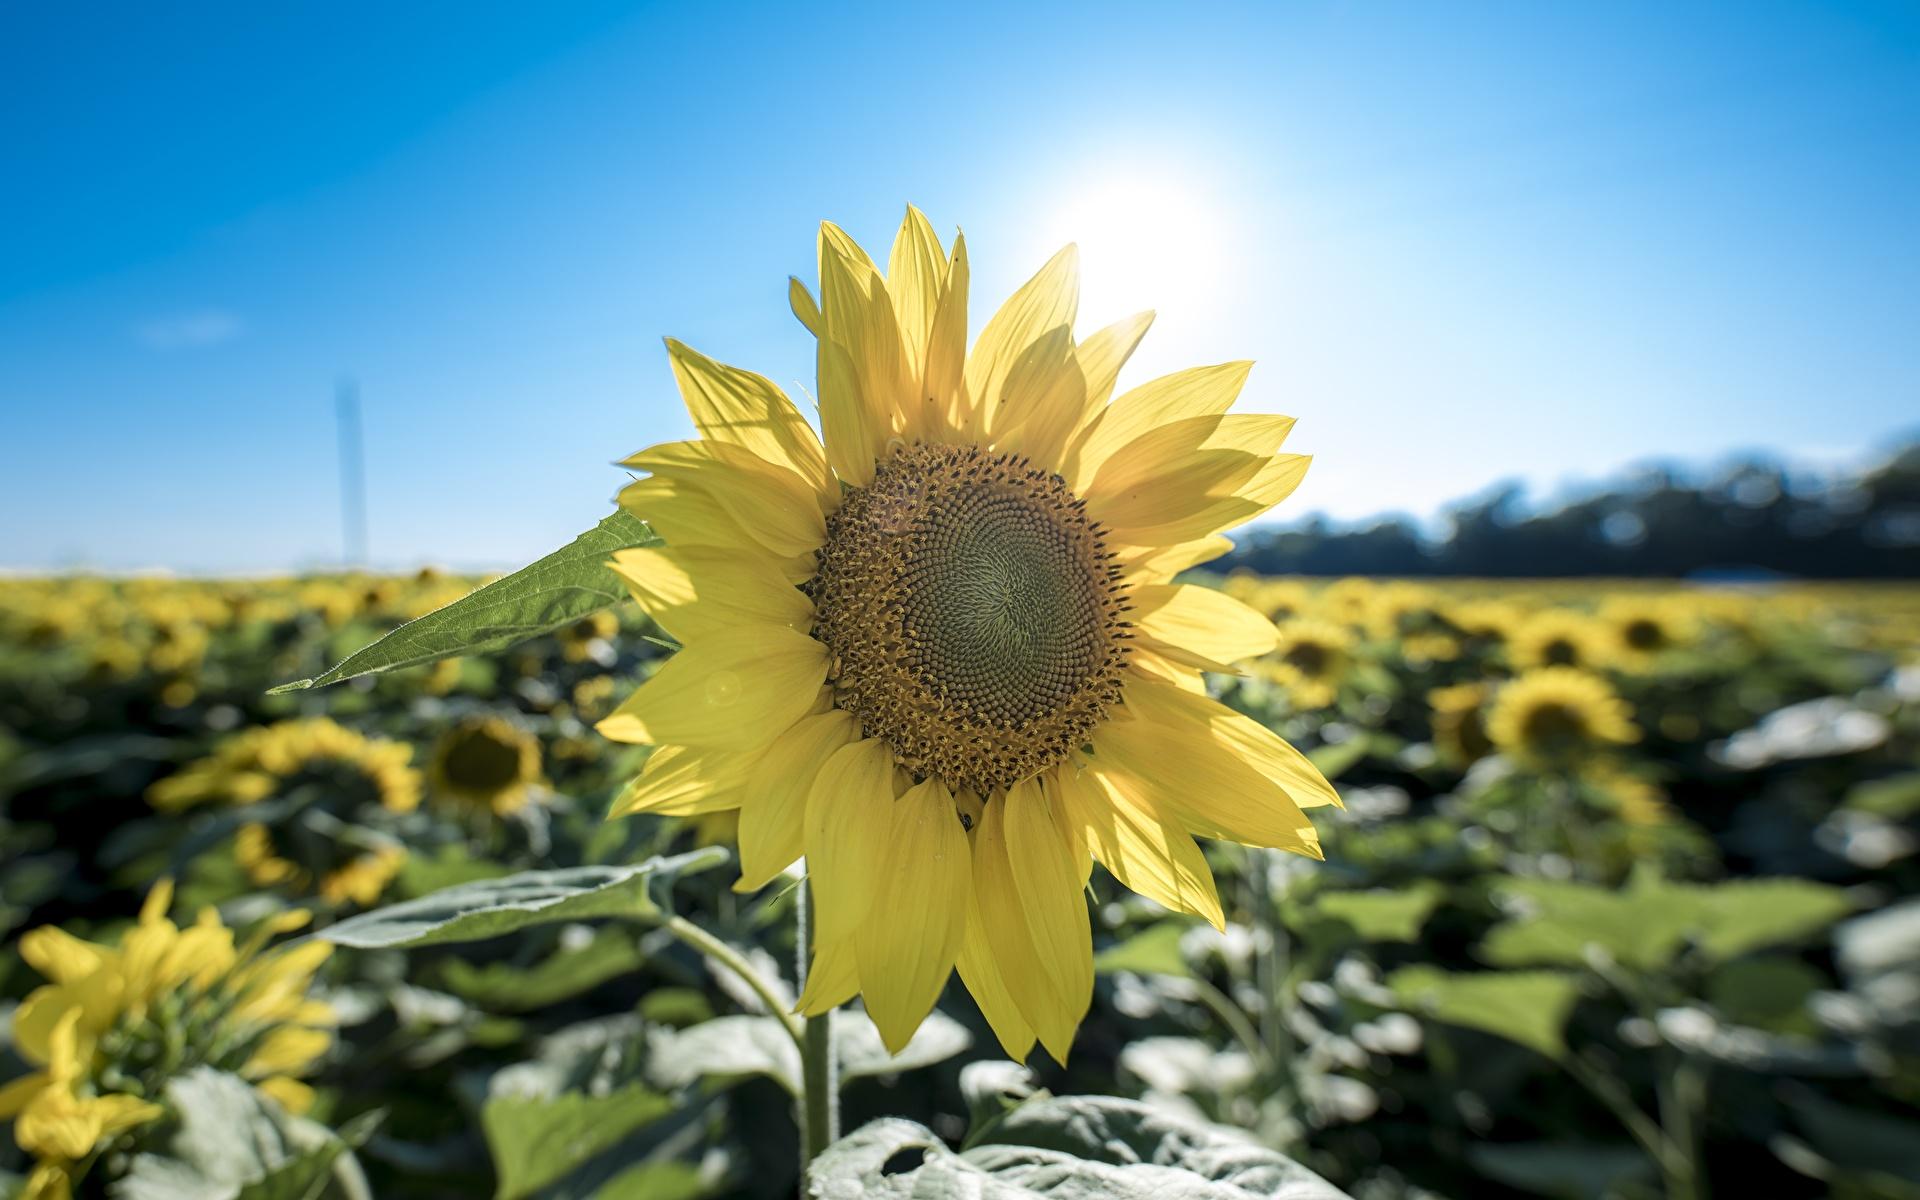 Фотография желтая цветок Подсолнечник Крупным планом 1920x1200 Желтый желтые желтых Цветы Подсолнухи вблизи